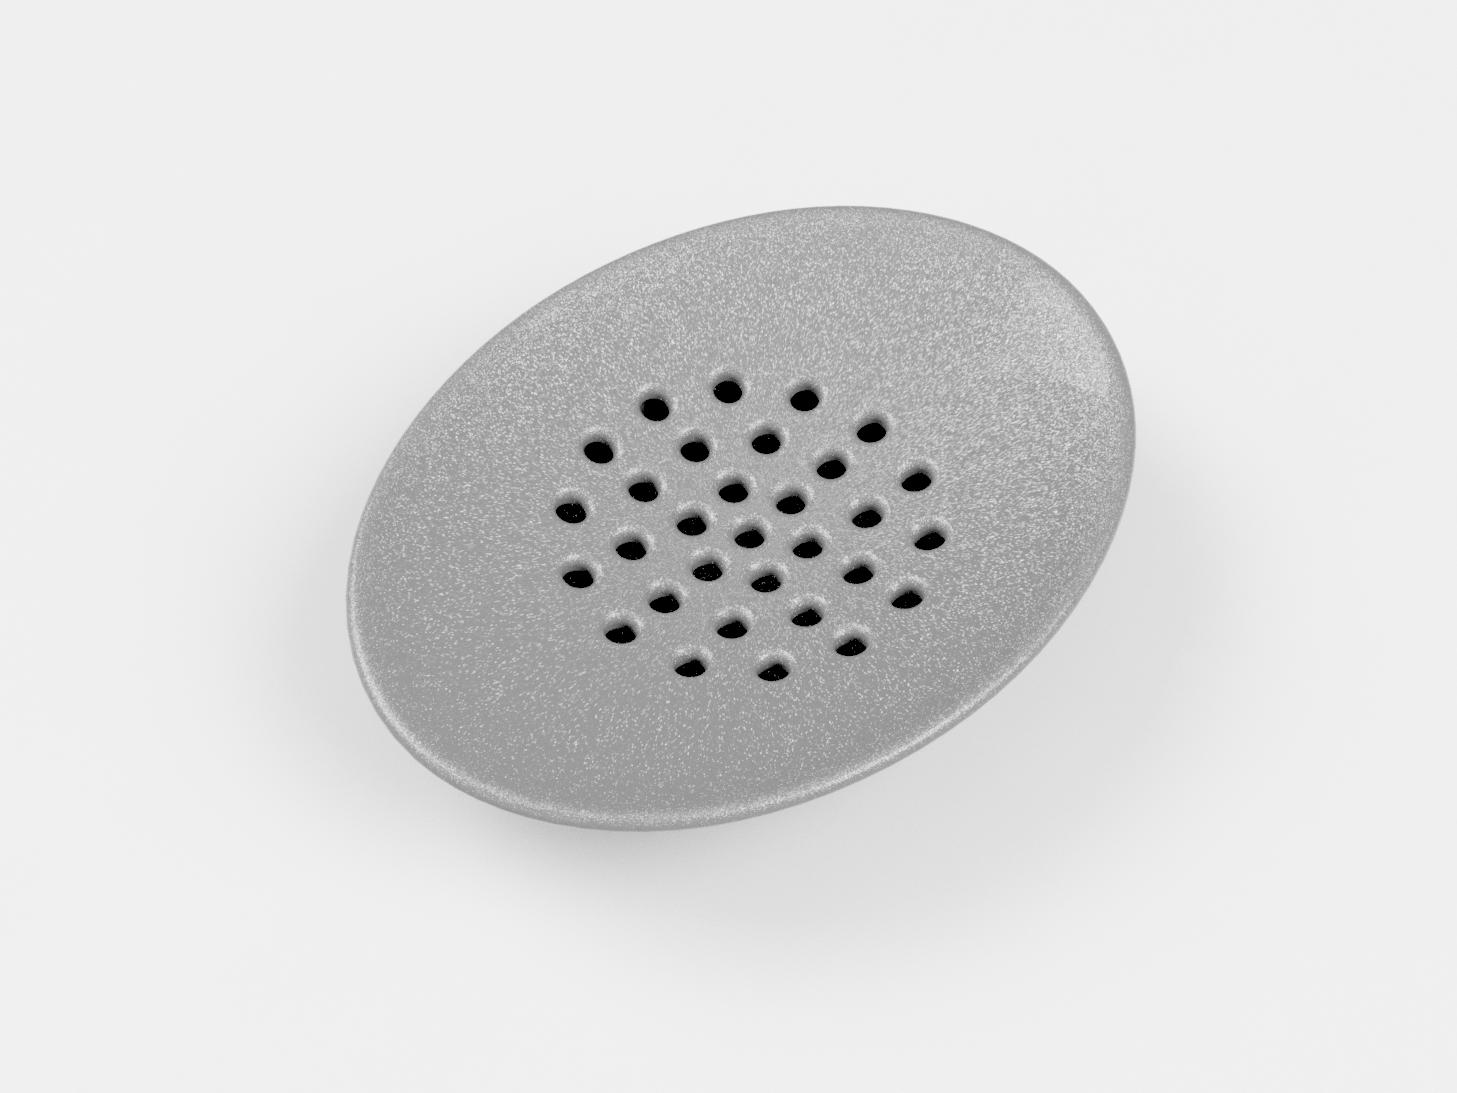 Soap_Dish_v9.png Télécharger fichier STL gratuit Porte-savon • Objet imprimable en 3D, VICLER